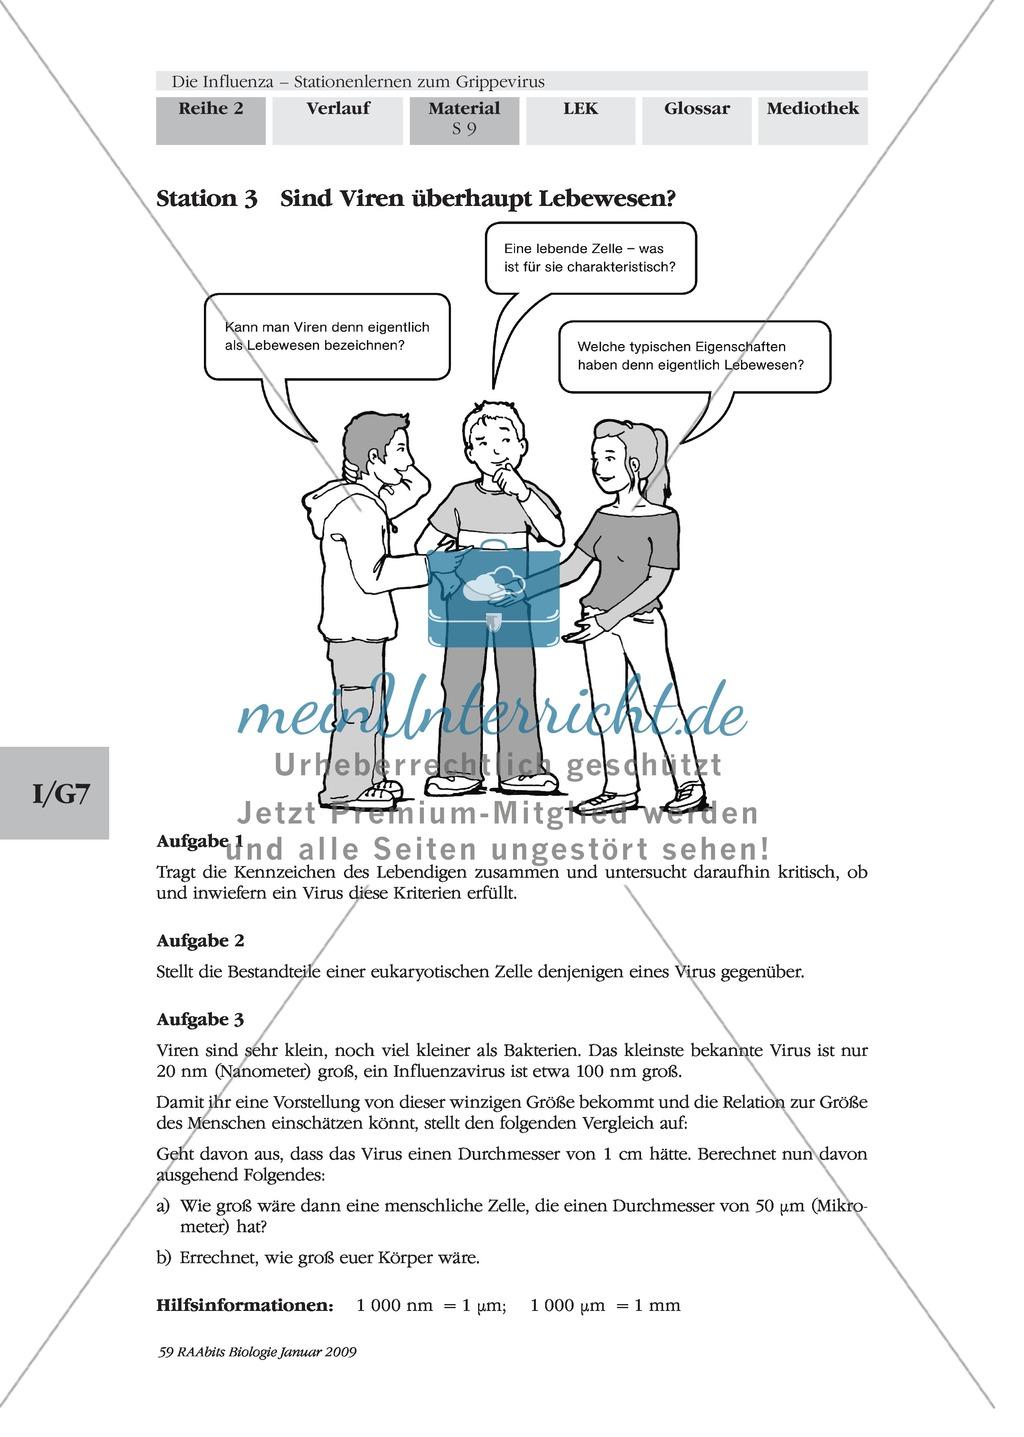 Definition, Beschreibung und Vermehrungskreislauf von Viren am Beispiel Influenza und Vogelgrippe: Textarbeit, Bildbeschreibung, Skizzieren, Eigenrecherche Preview 4